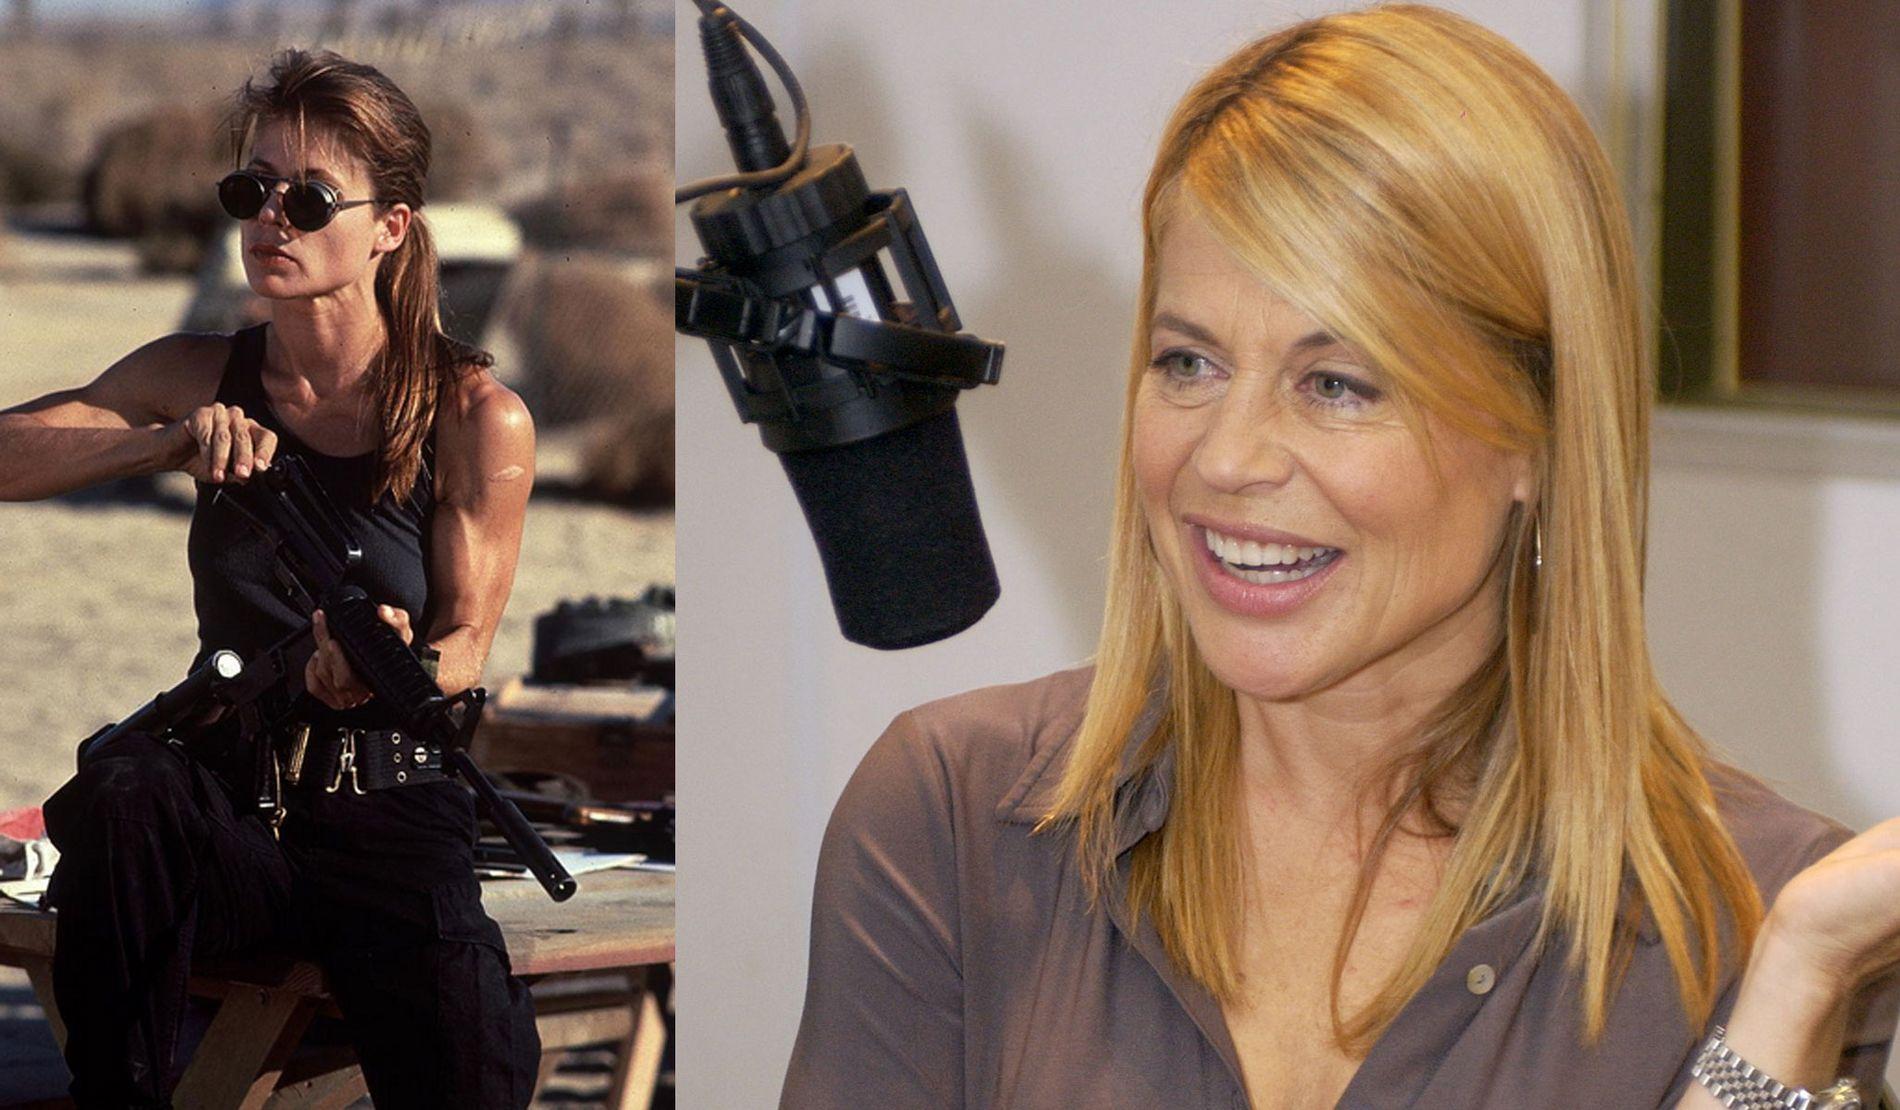 IKONISK: Linda Hamilton i «Terminator» (t.v.) og på et bilde fra noen år siden.